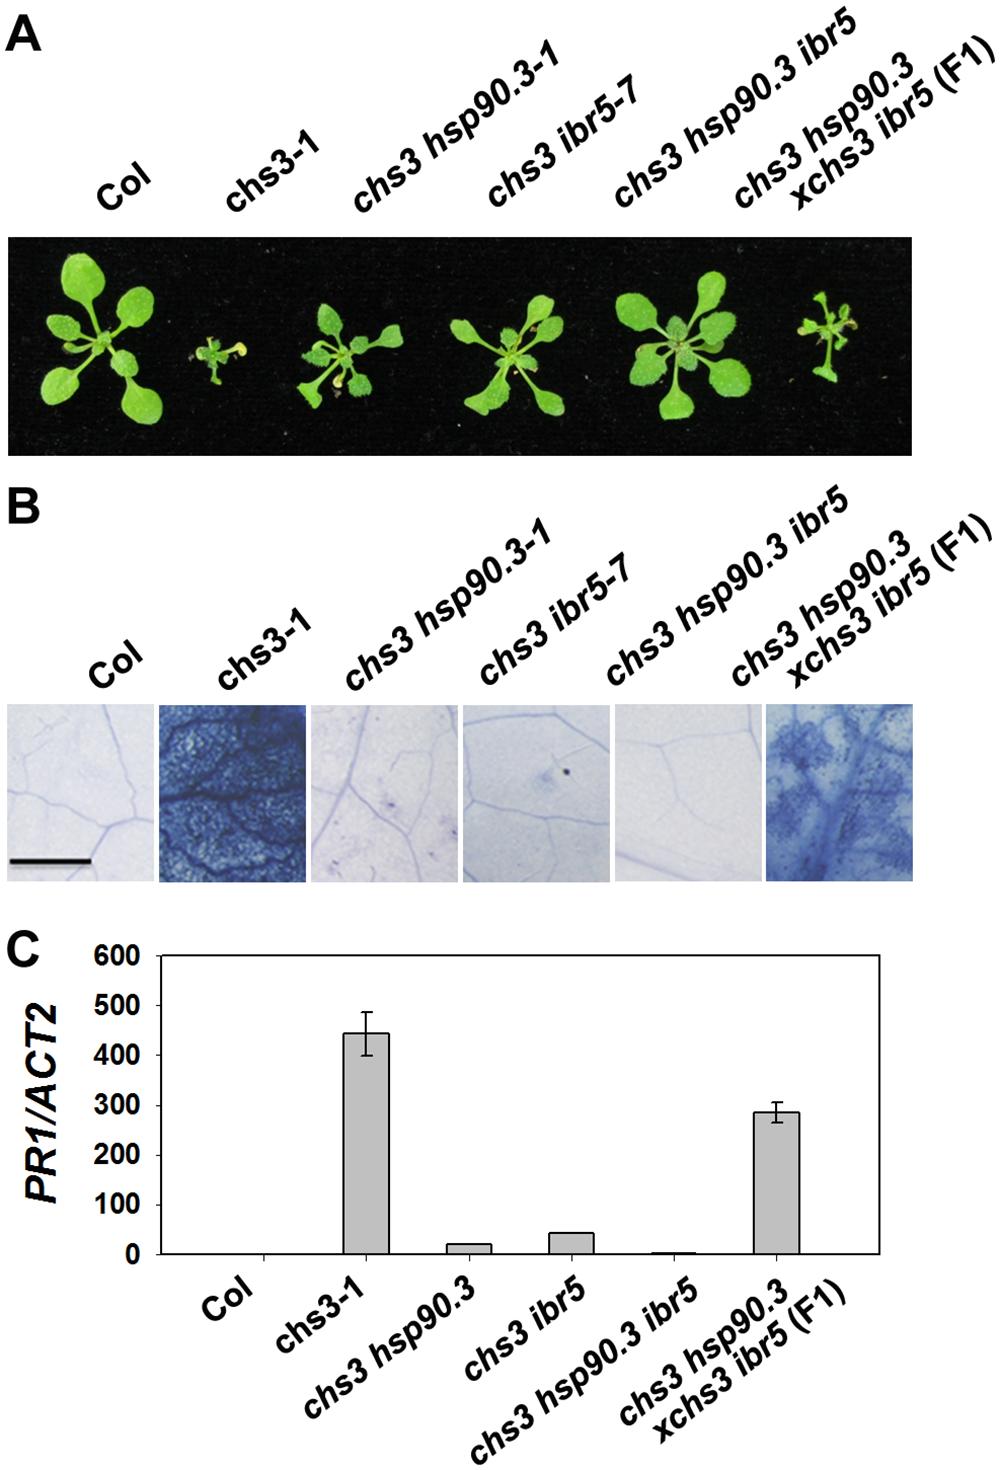 Genetic analysis of <i>CHS3</i>, <i>IBR5</i> and <i>HSP90</i>.<i>3</i>.